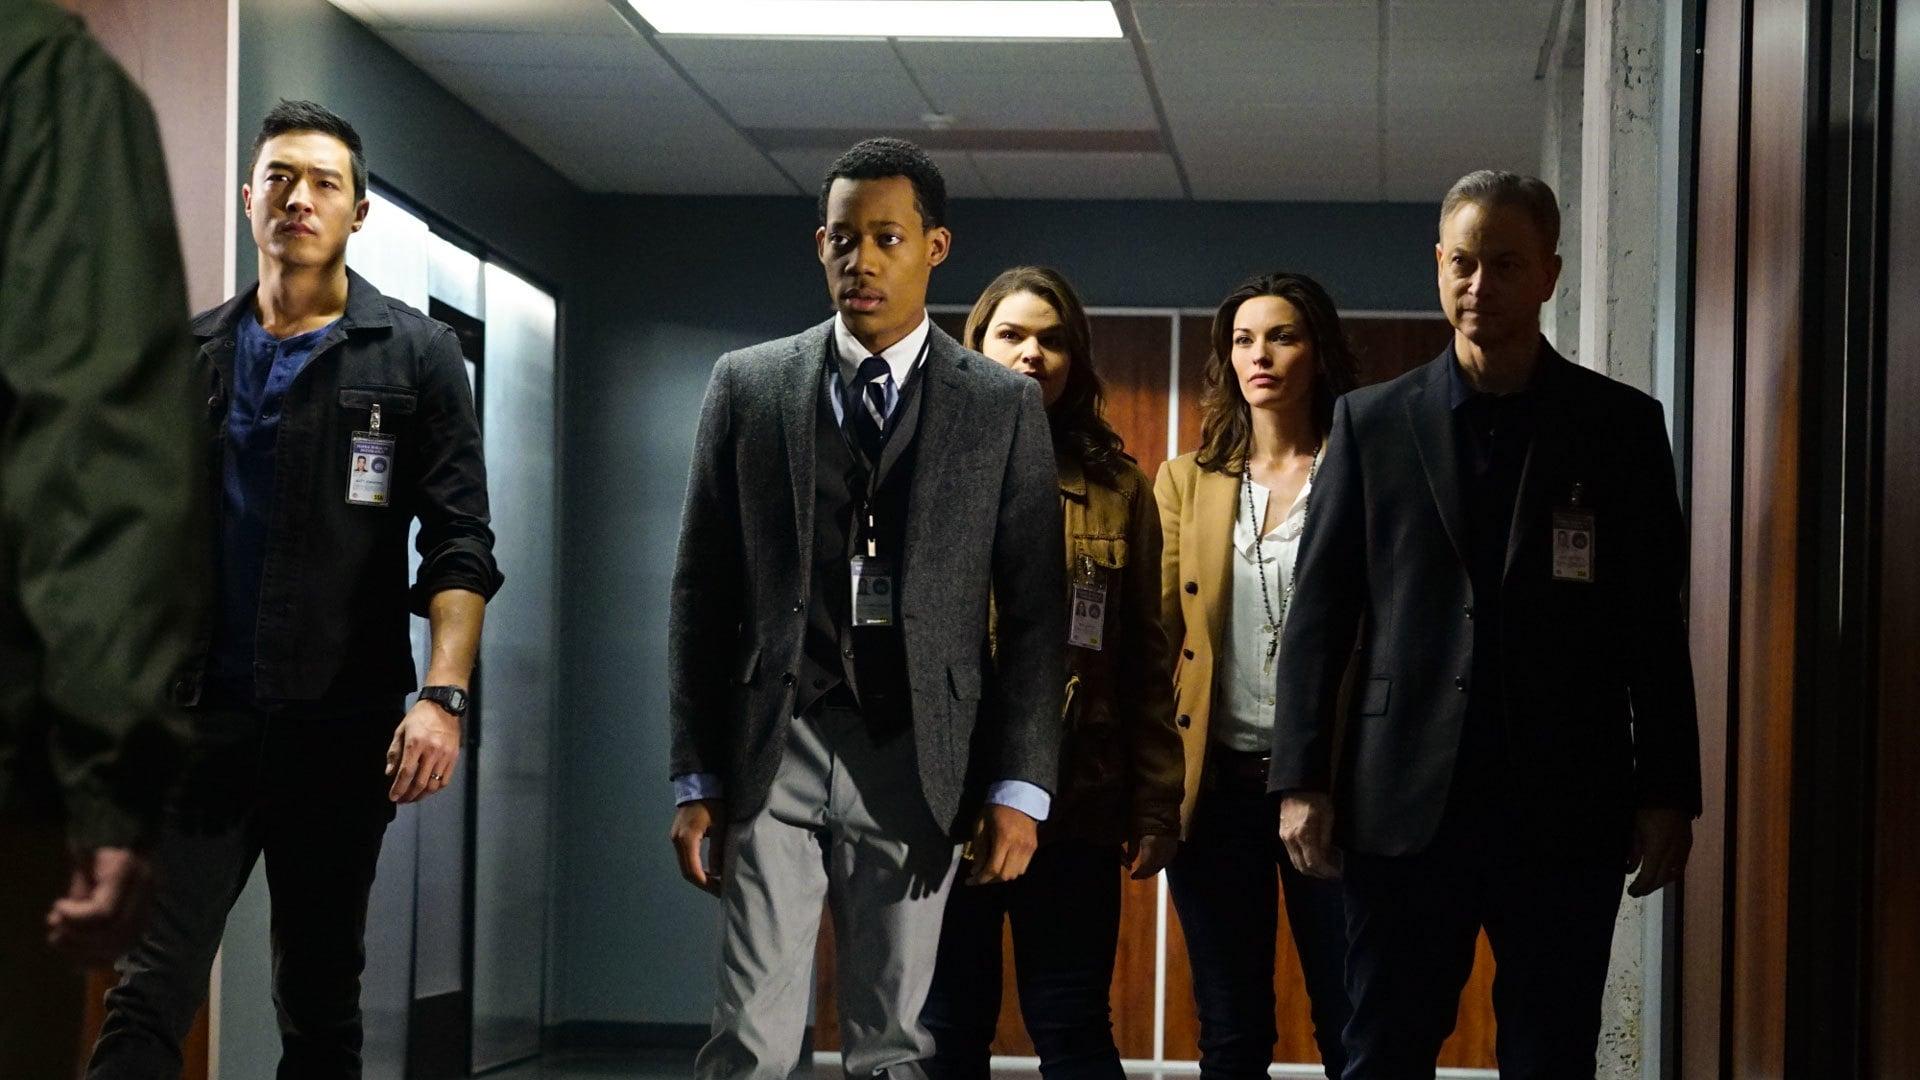 Criminal Minds Beyond Borders 1 Sezon 10 Bölüm Türkçe Dublaj